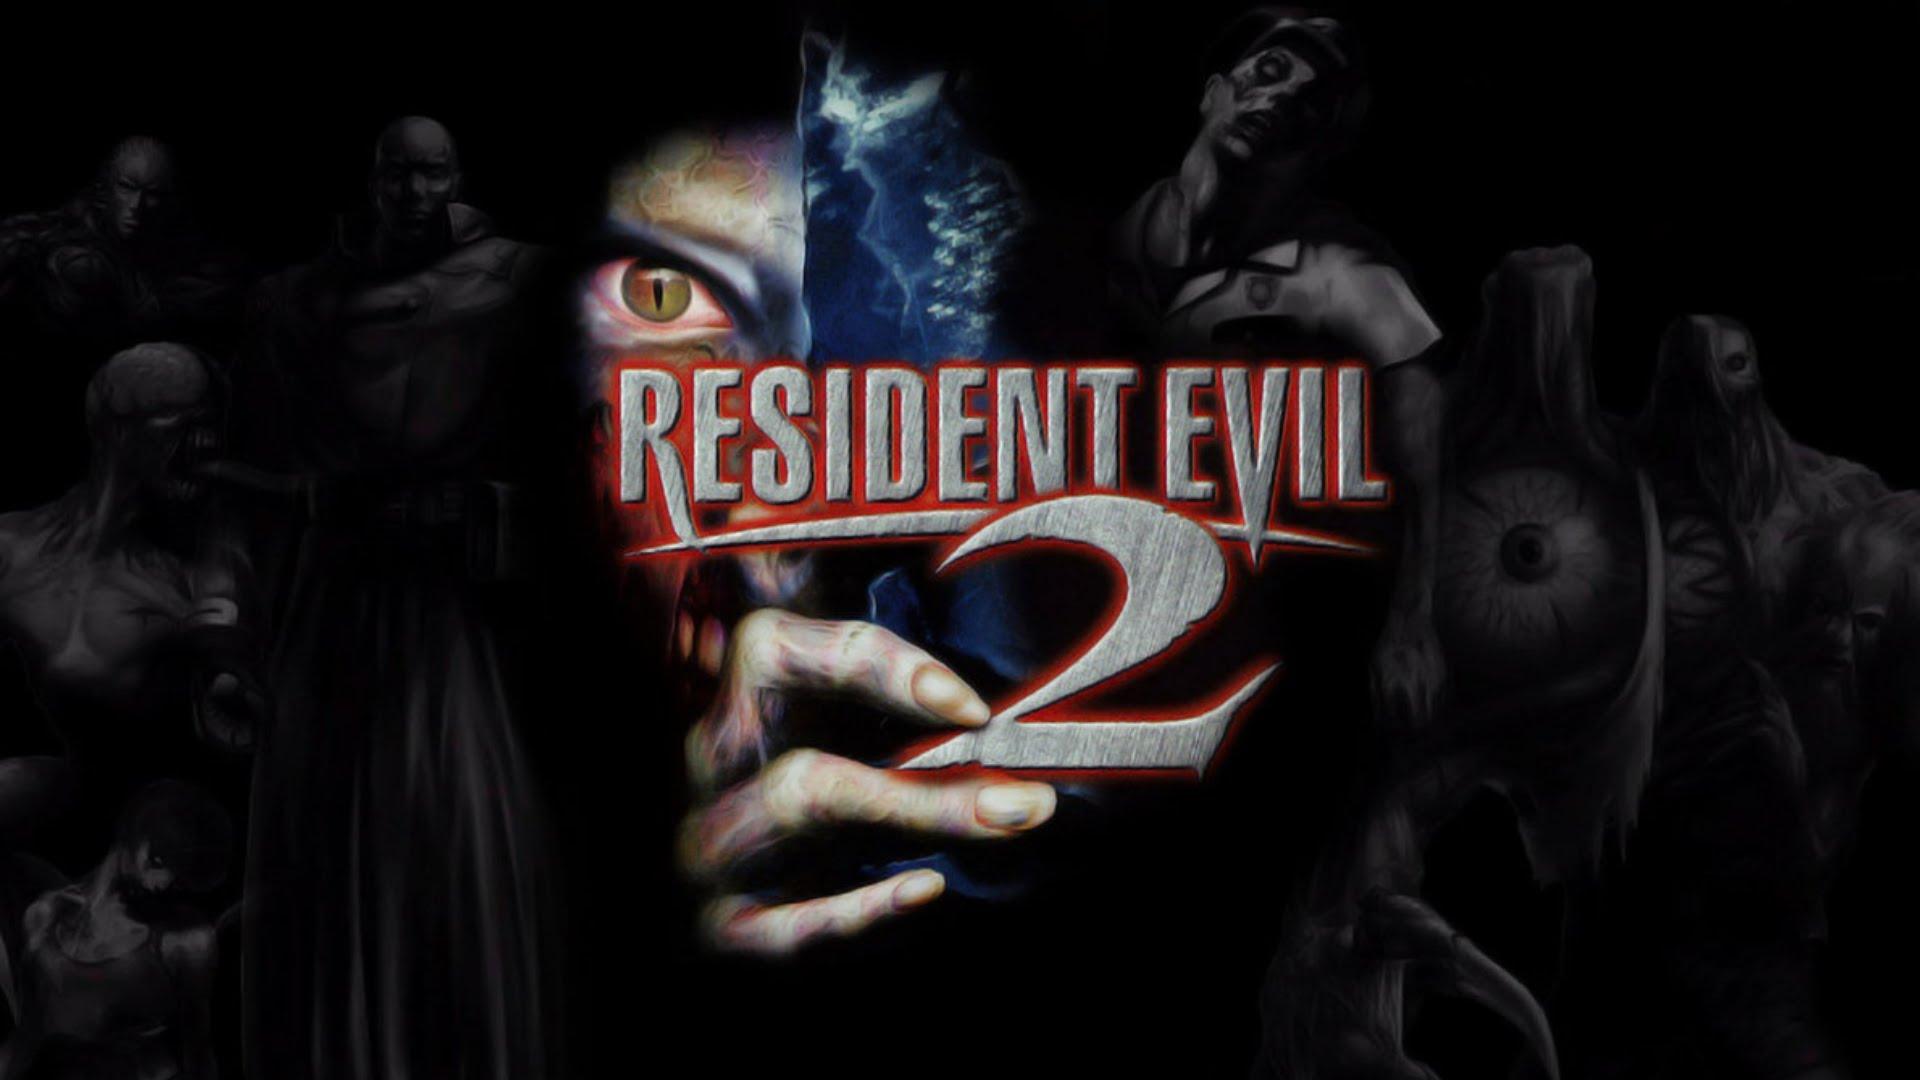 resident evil 2-2015